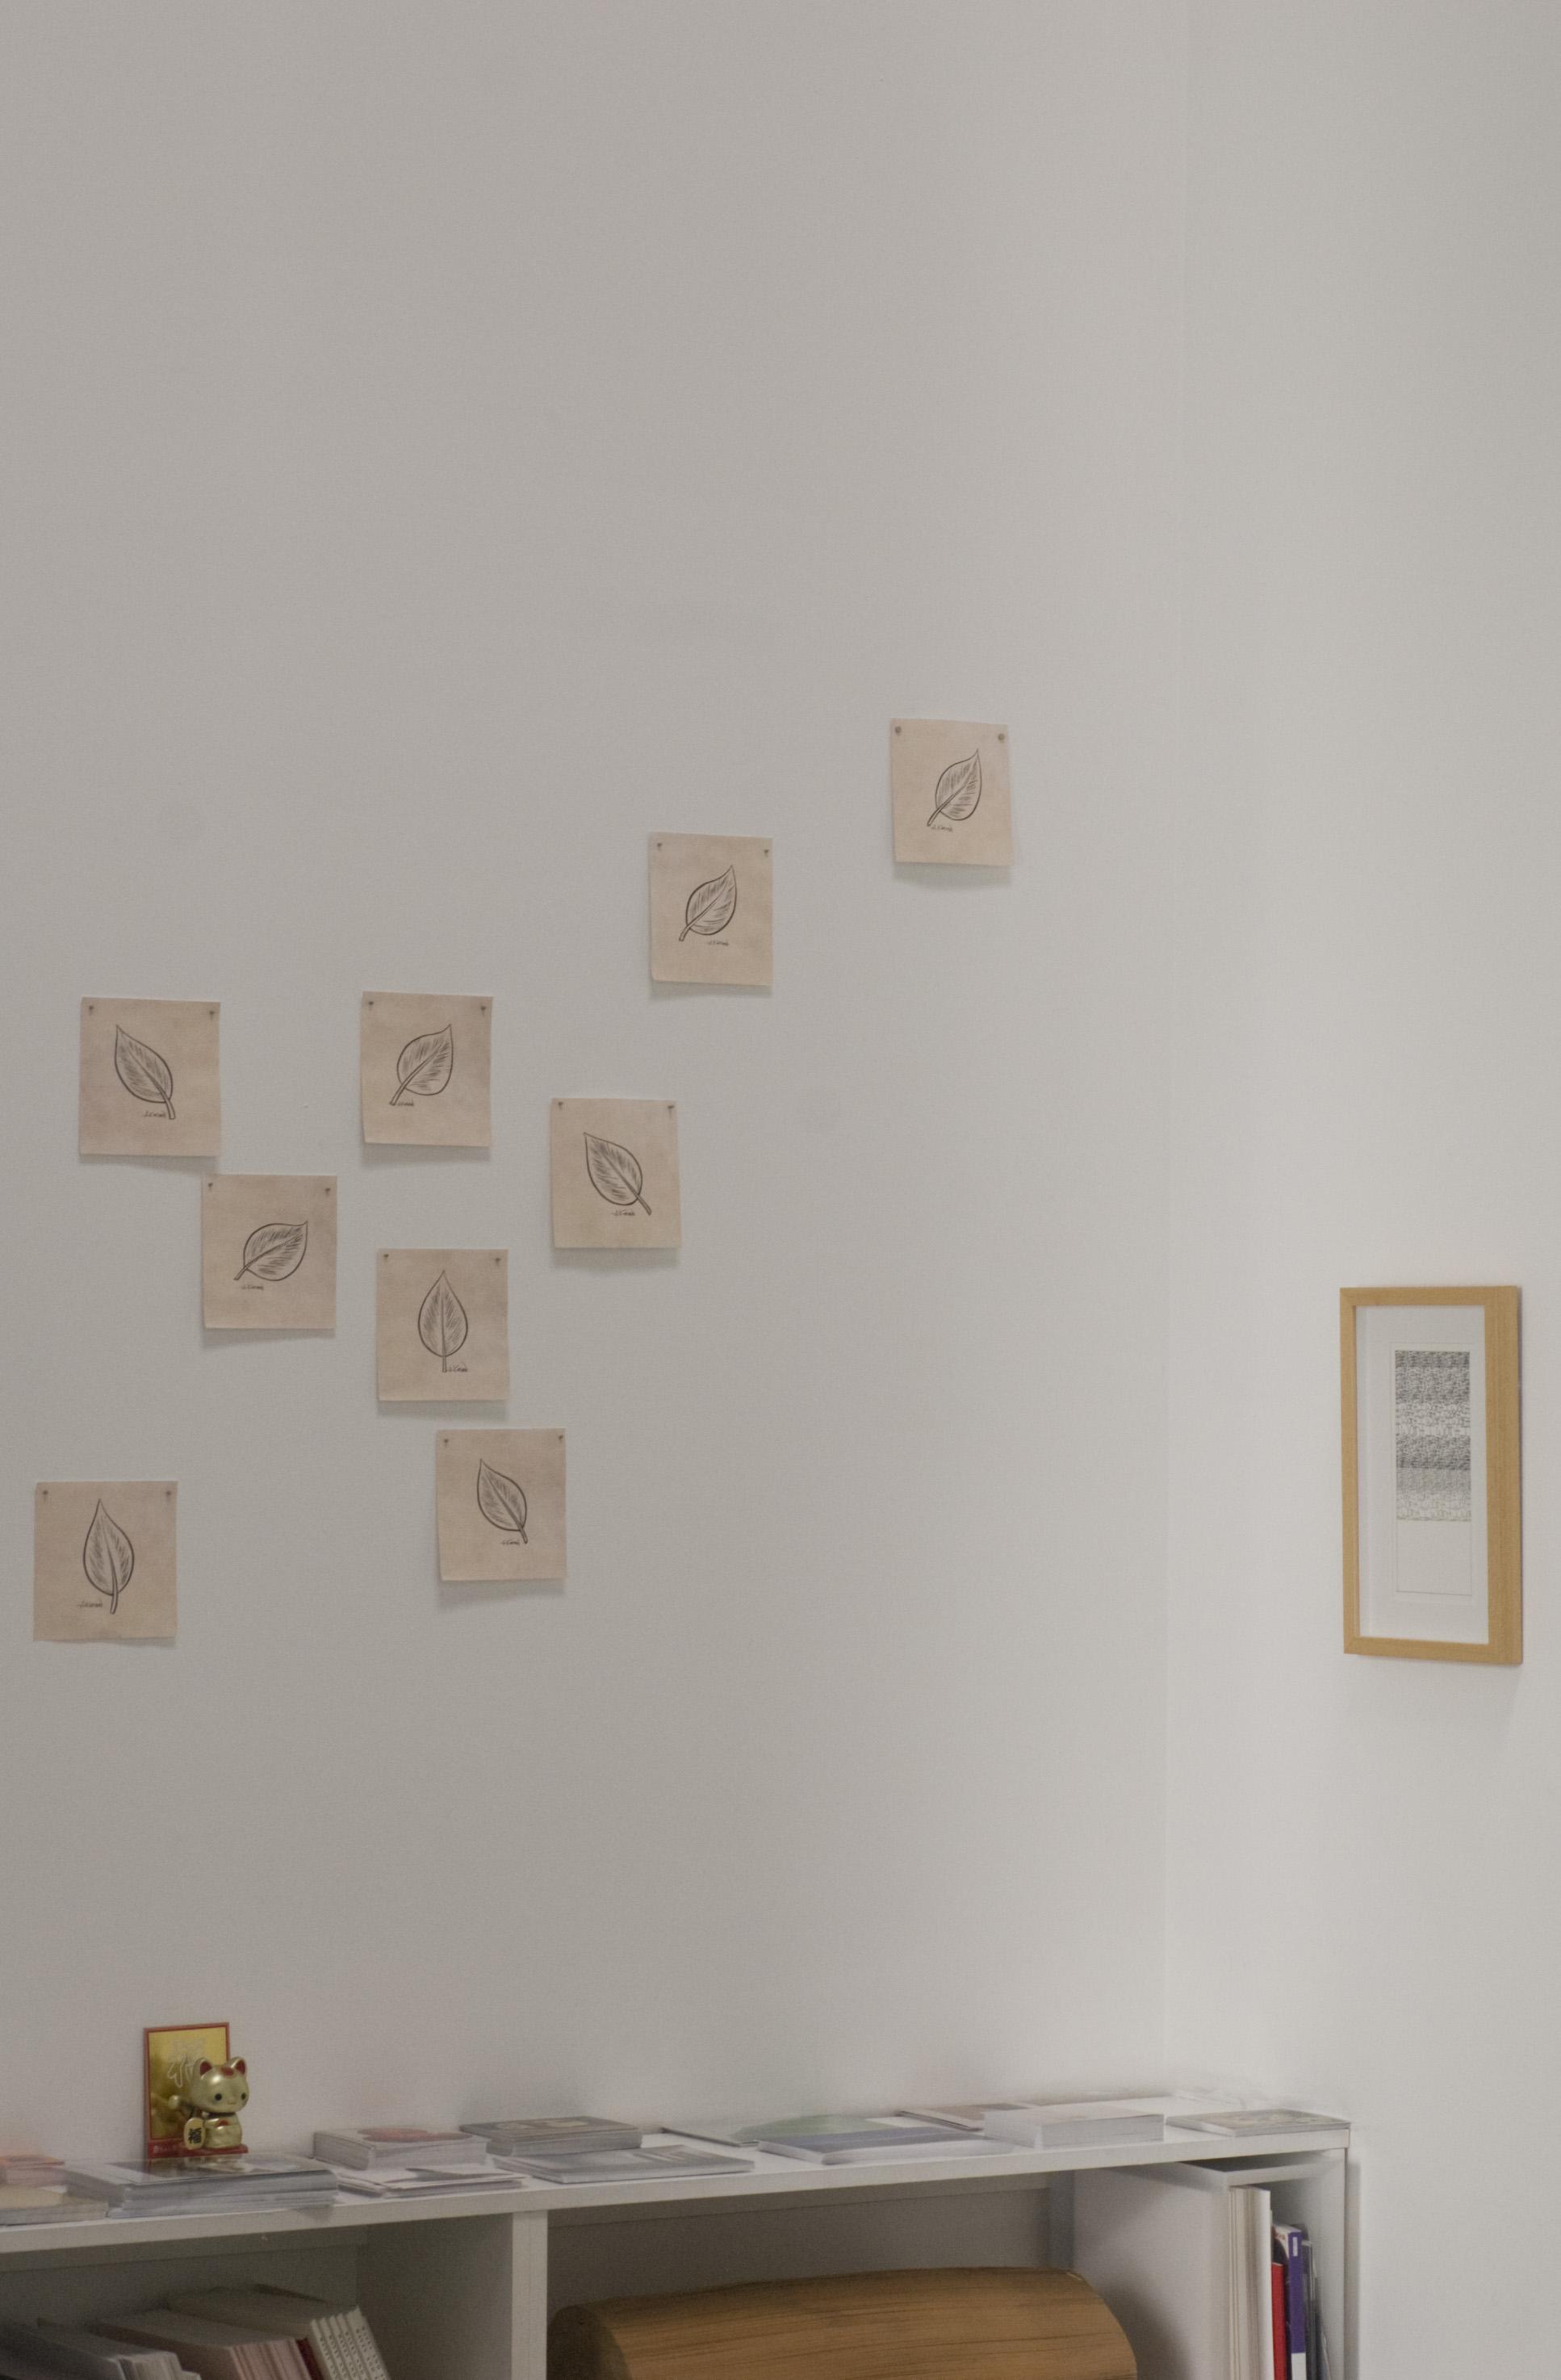 drawing2008_installation008.jpg